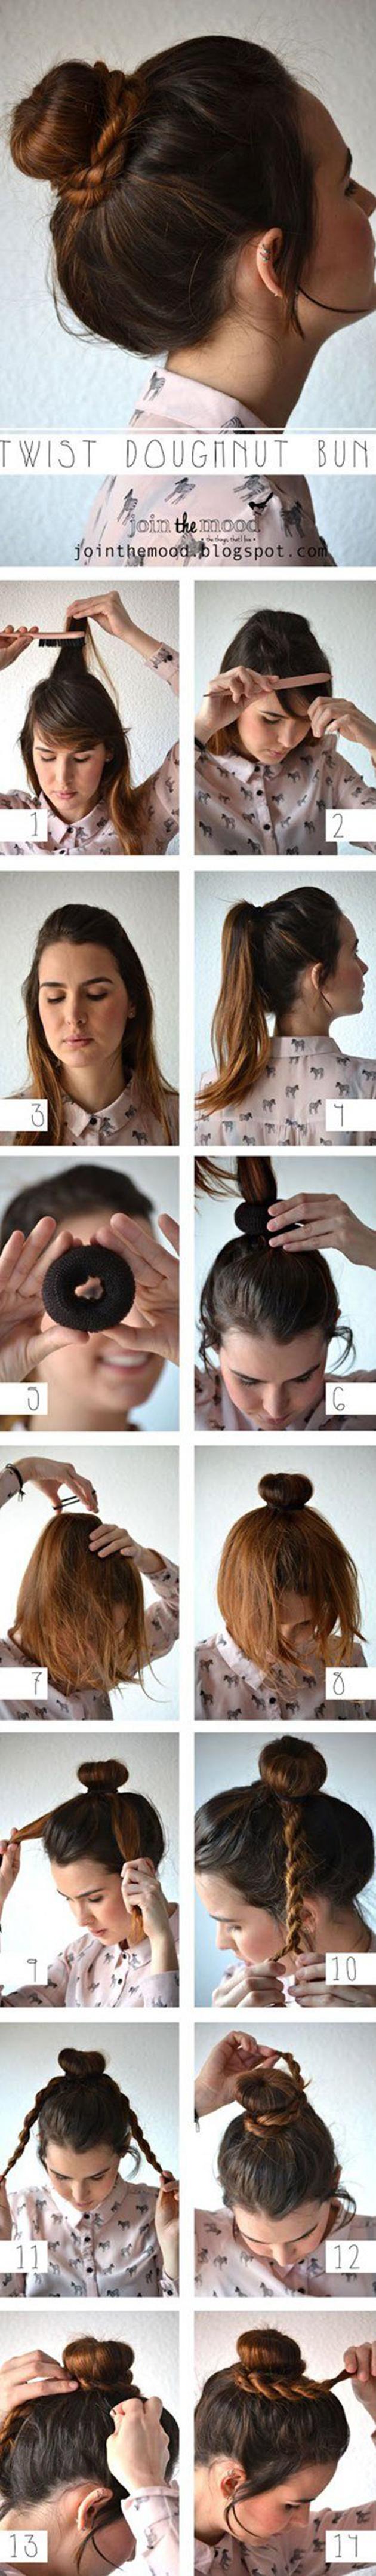 voici les 10 meilleurs tutoriels coiffure pour cheveux mi. Black Bedroom Furniture Sets. Home Design Ideas